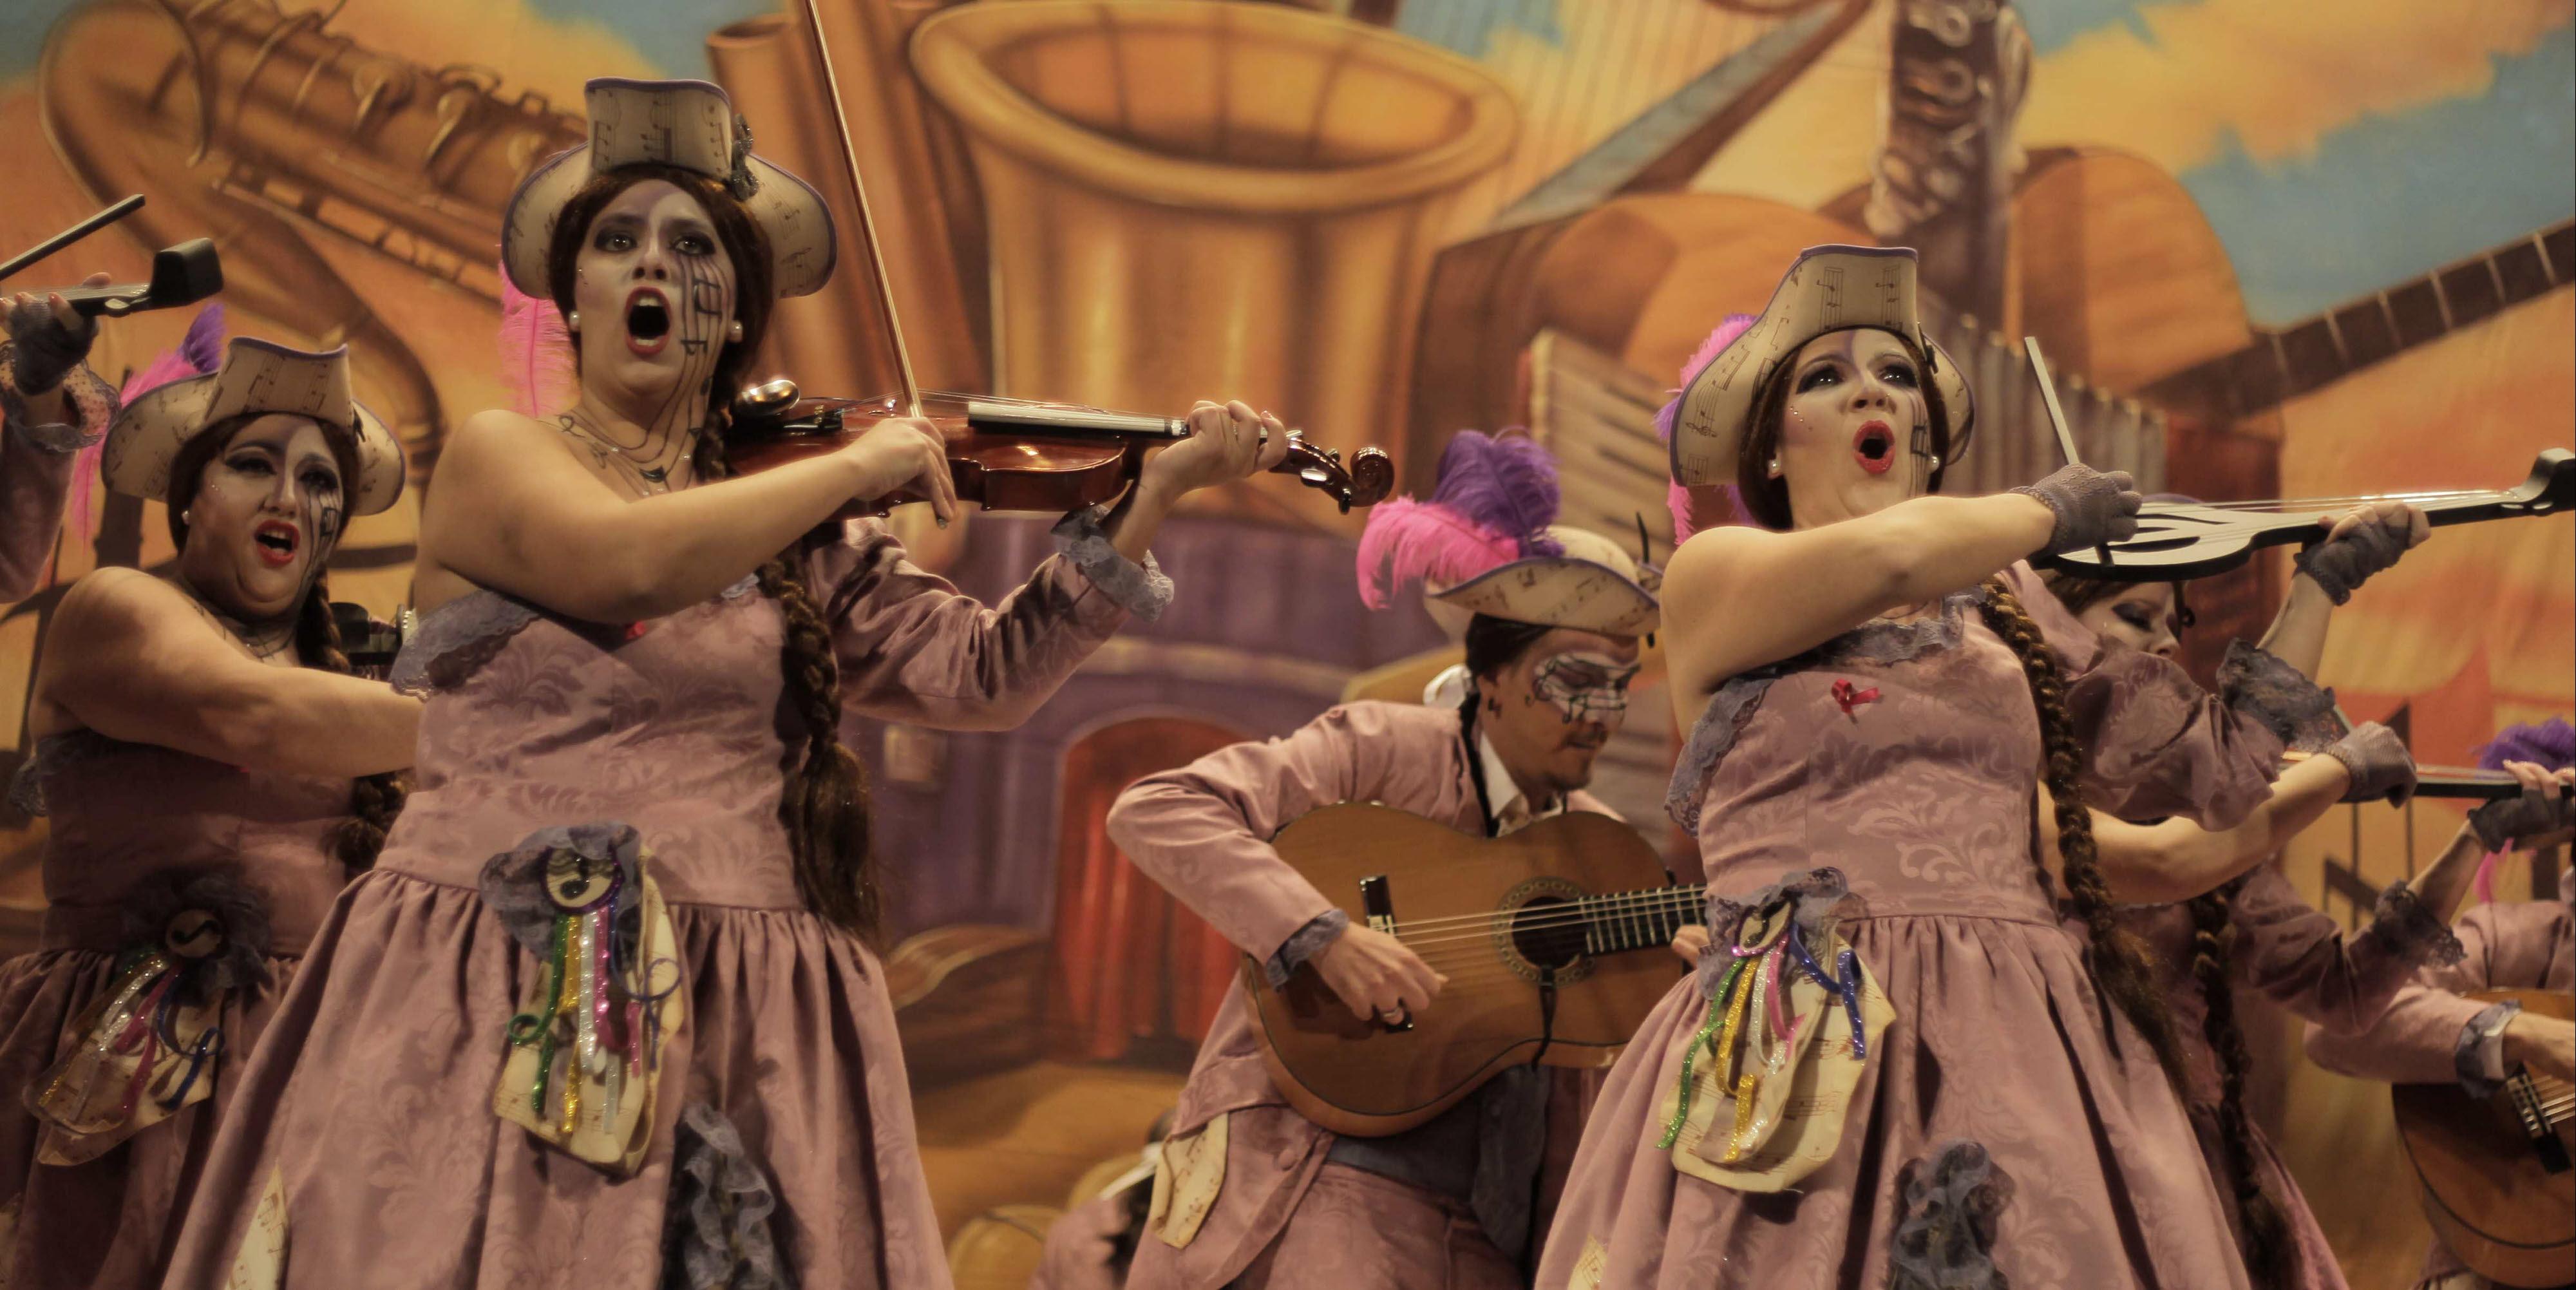 La comparsa femenina de Pastrana será 'Febrero' en el Carnaval 2016